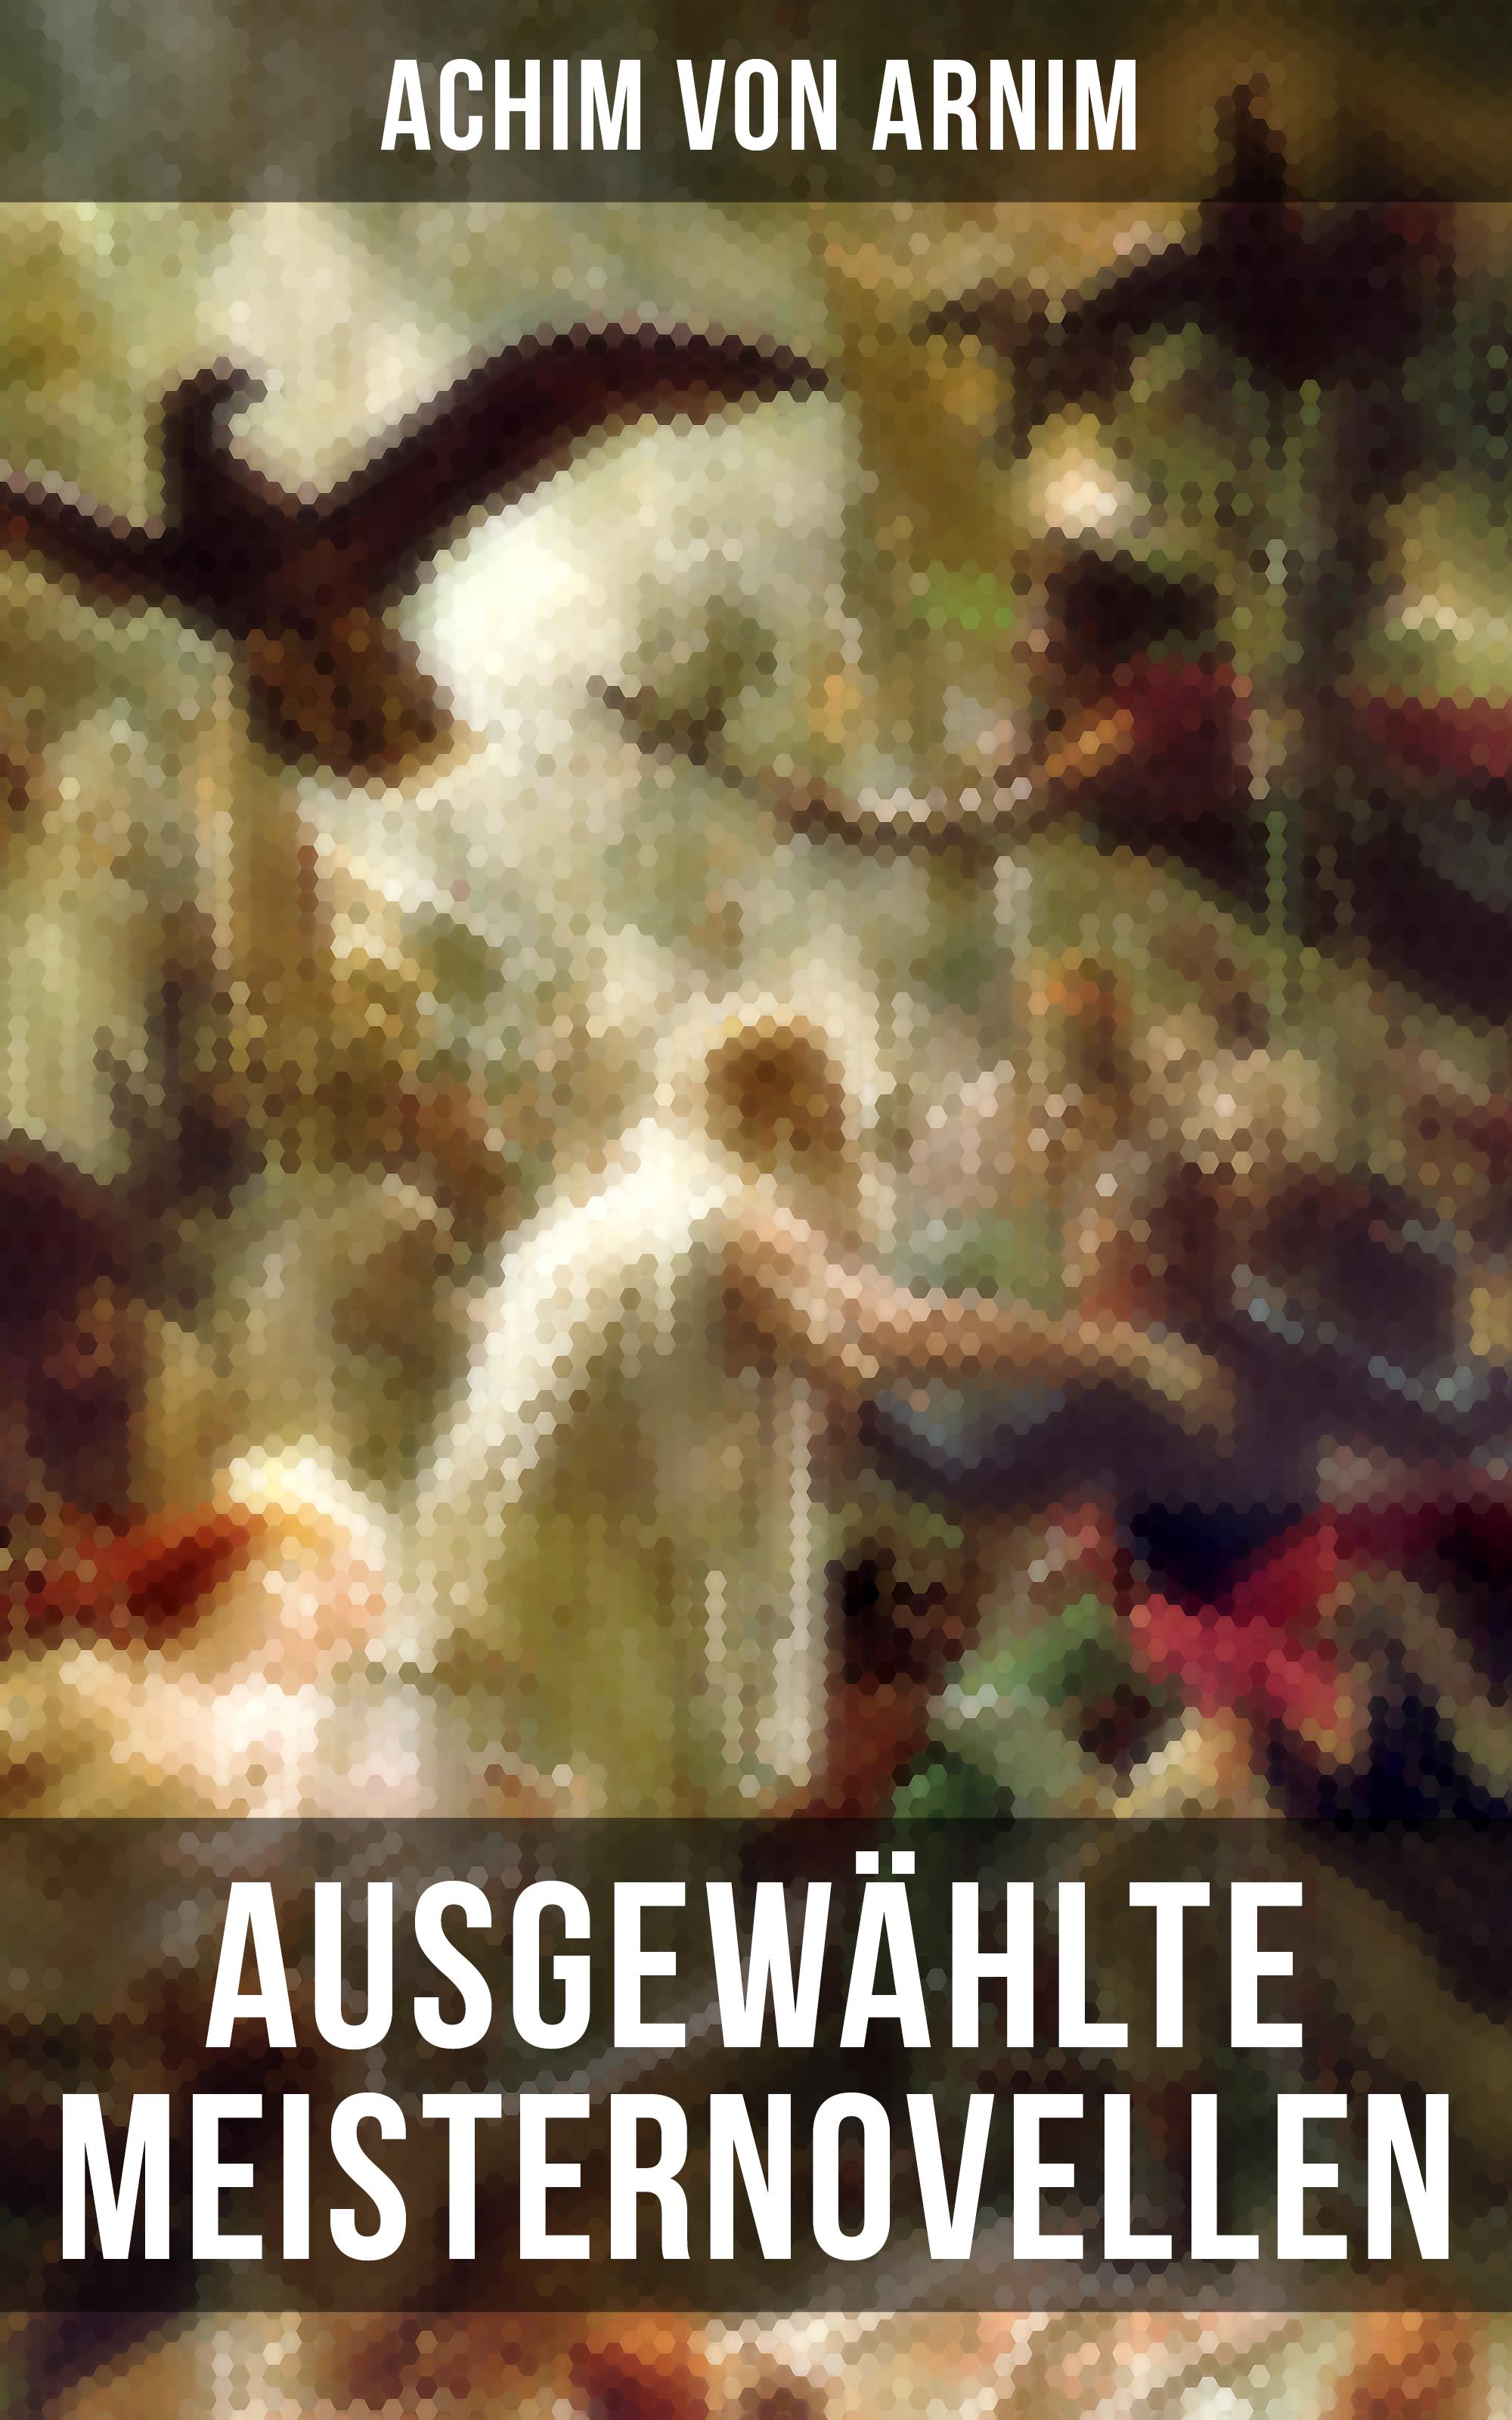 Achim von Arnim Ausgewählte Meisternovellen von Achim von Arnim achim von arnim die beliebtesten märchen von bettina von arnim